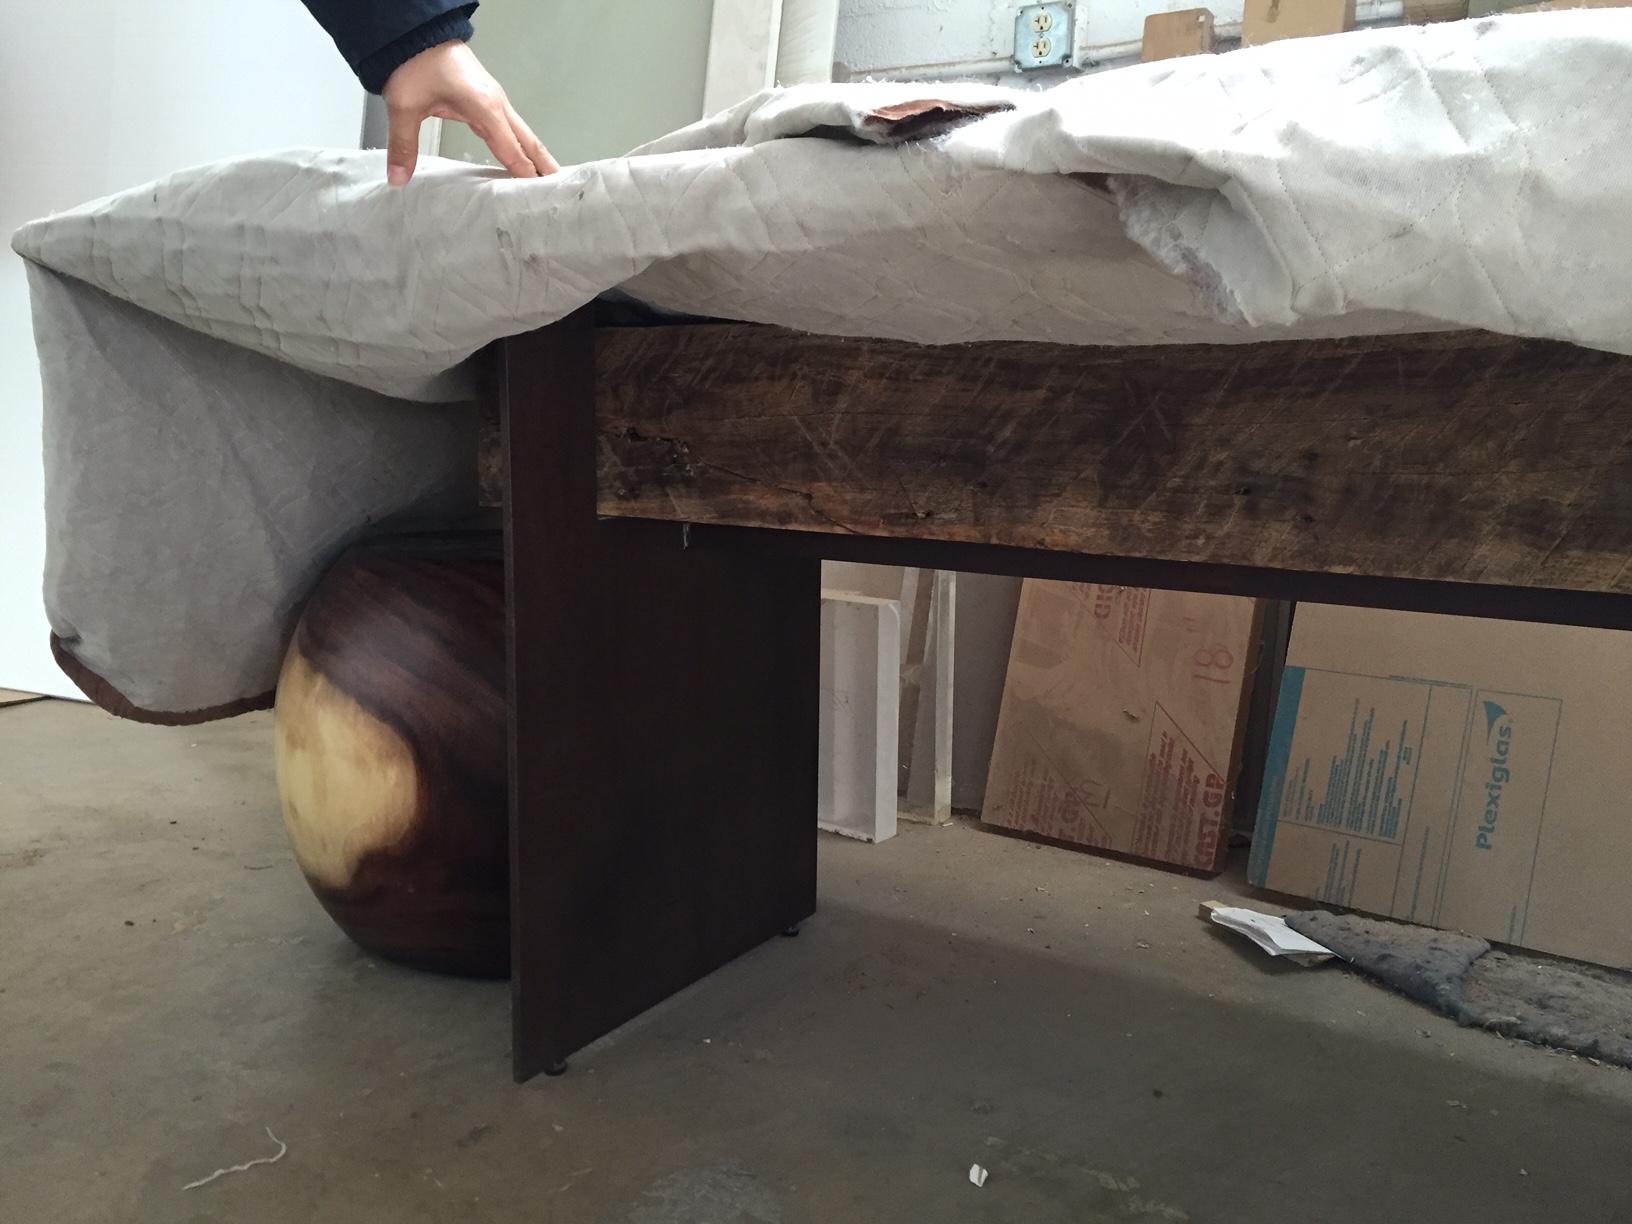 Rotsen-Furniture-Studio-3